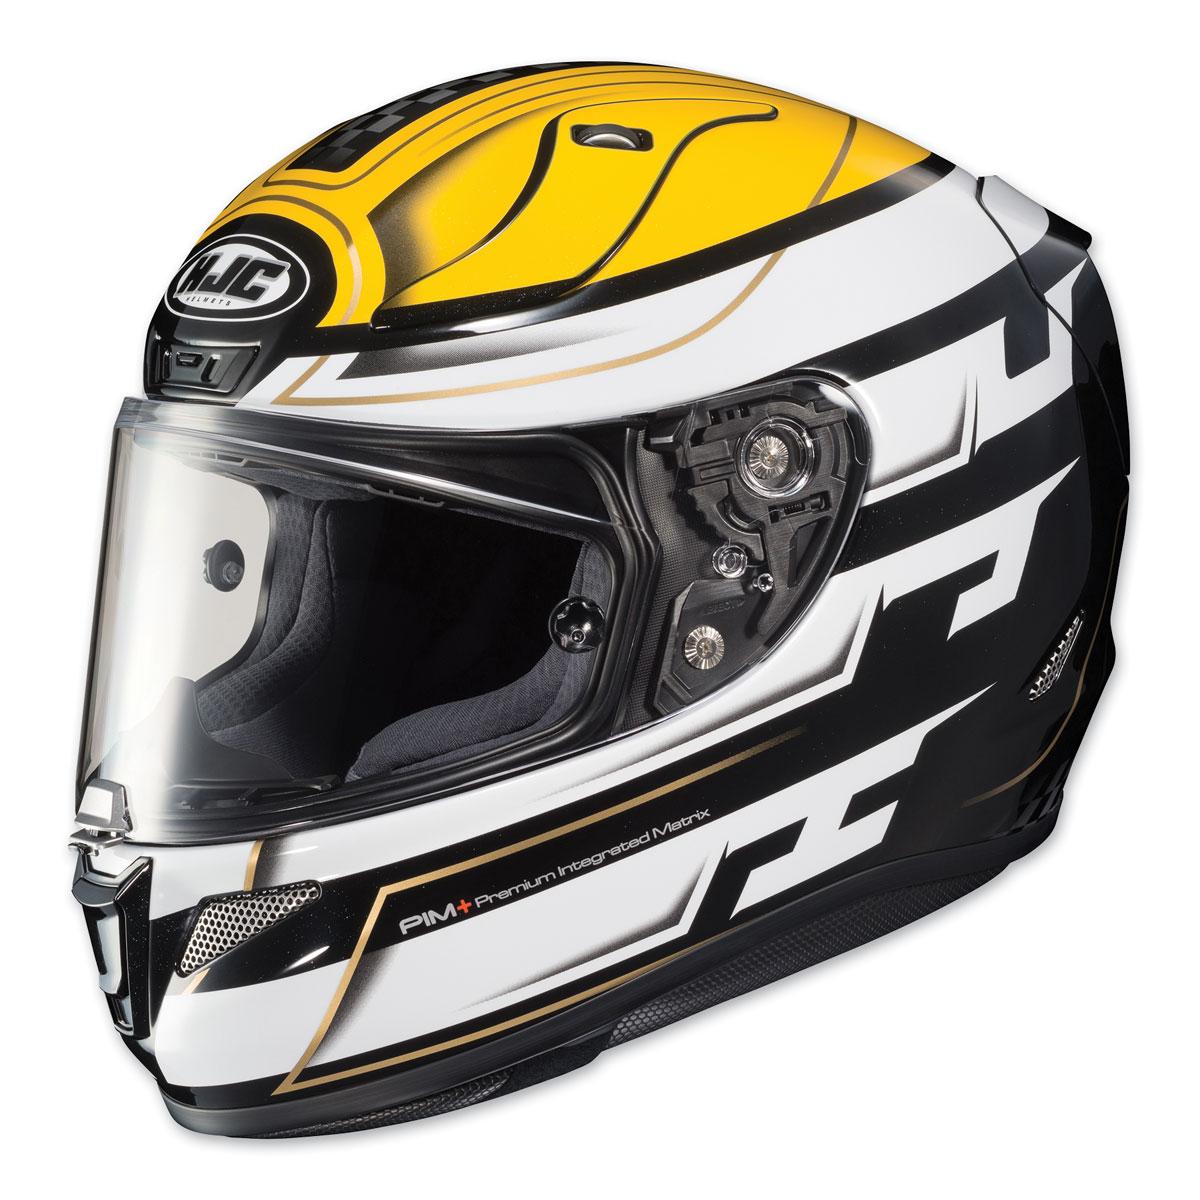 Hjc Rpha 11 >> Hjc Rpha 11 Pro Skyrym Yellow White Full Face Helmet 0803 1103 04